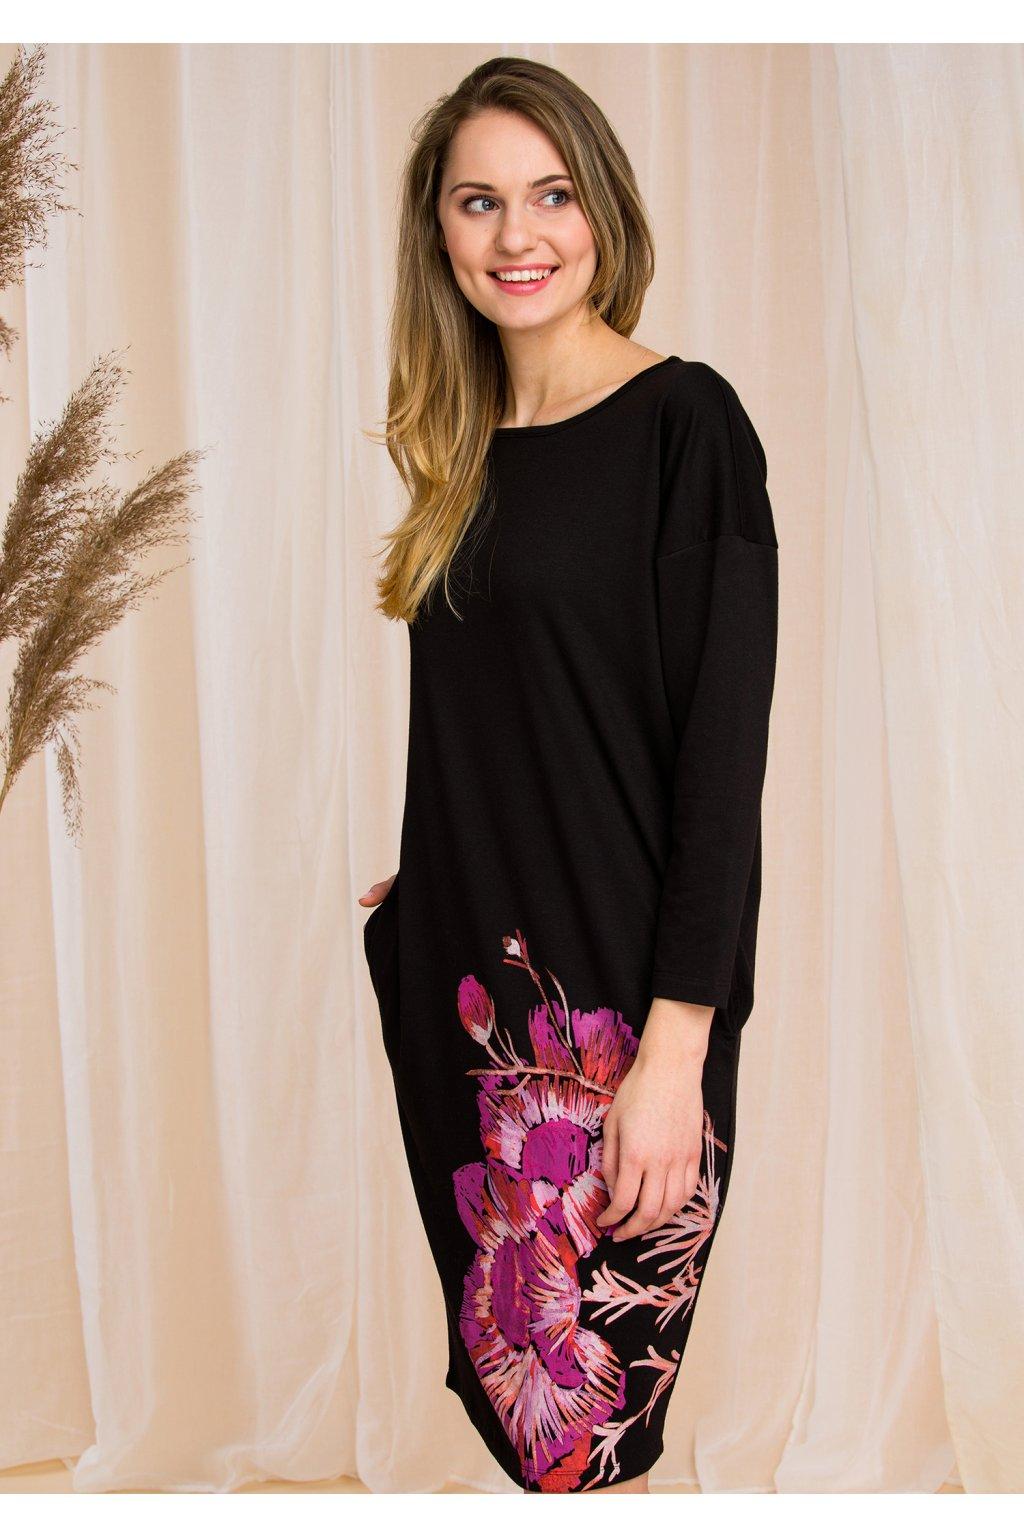 Pohodlné šaty - homewear se vzorem květů LHD 902 KEY